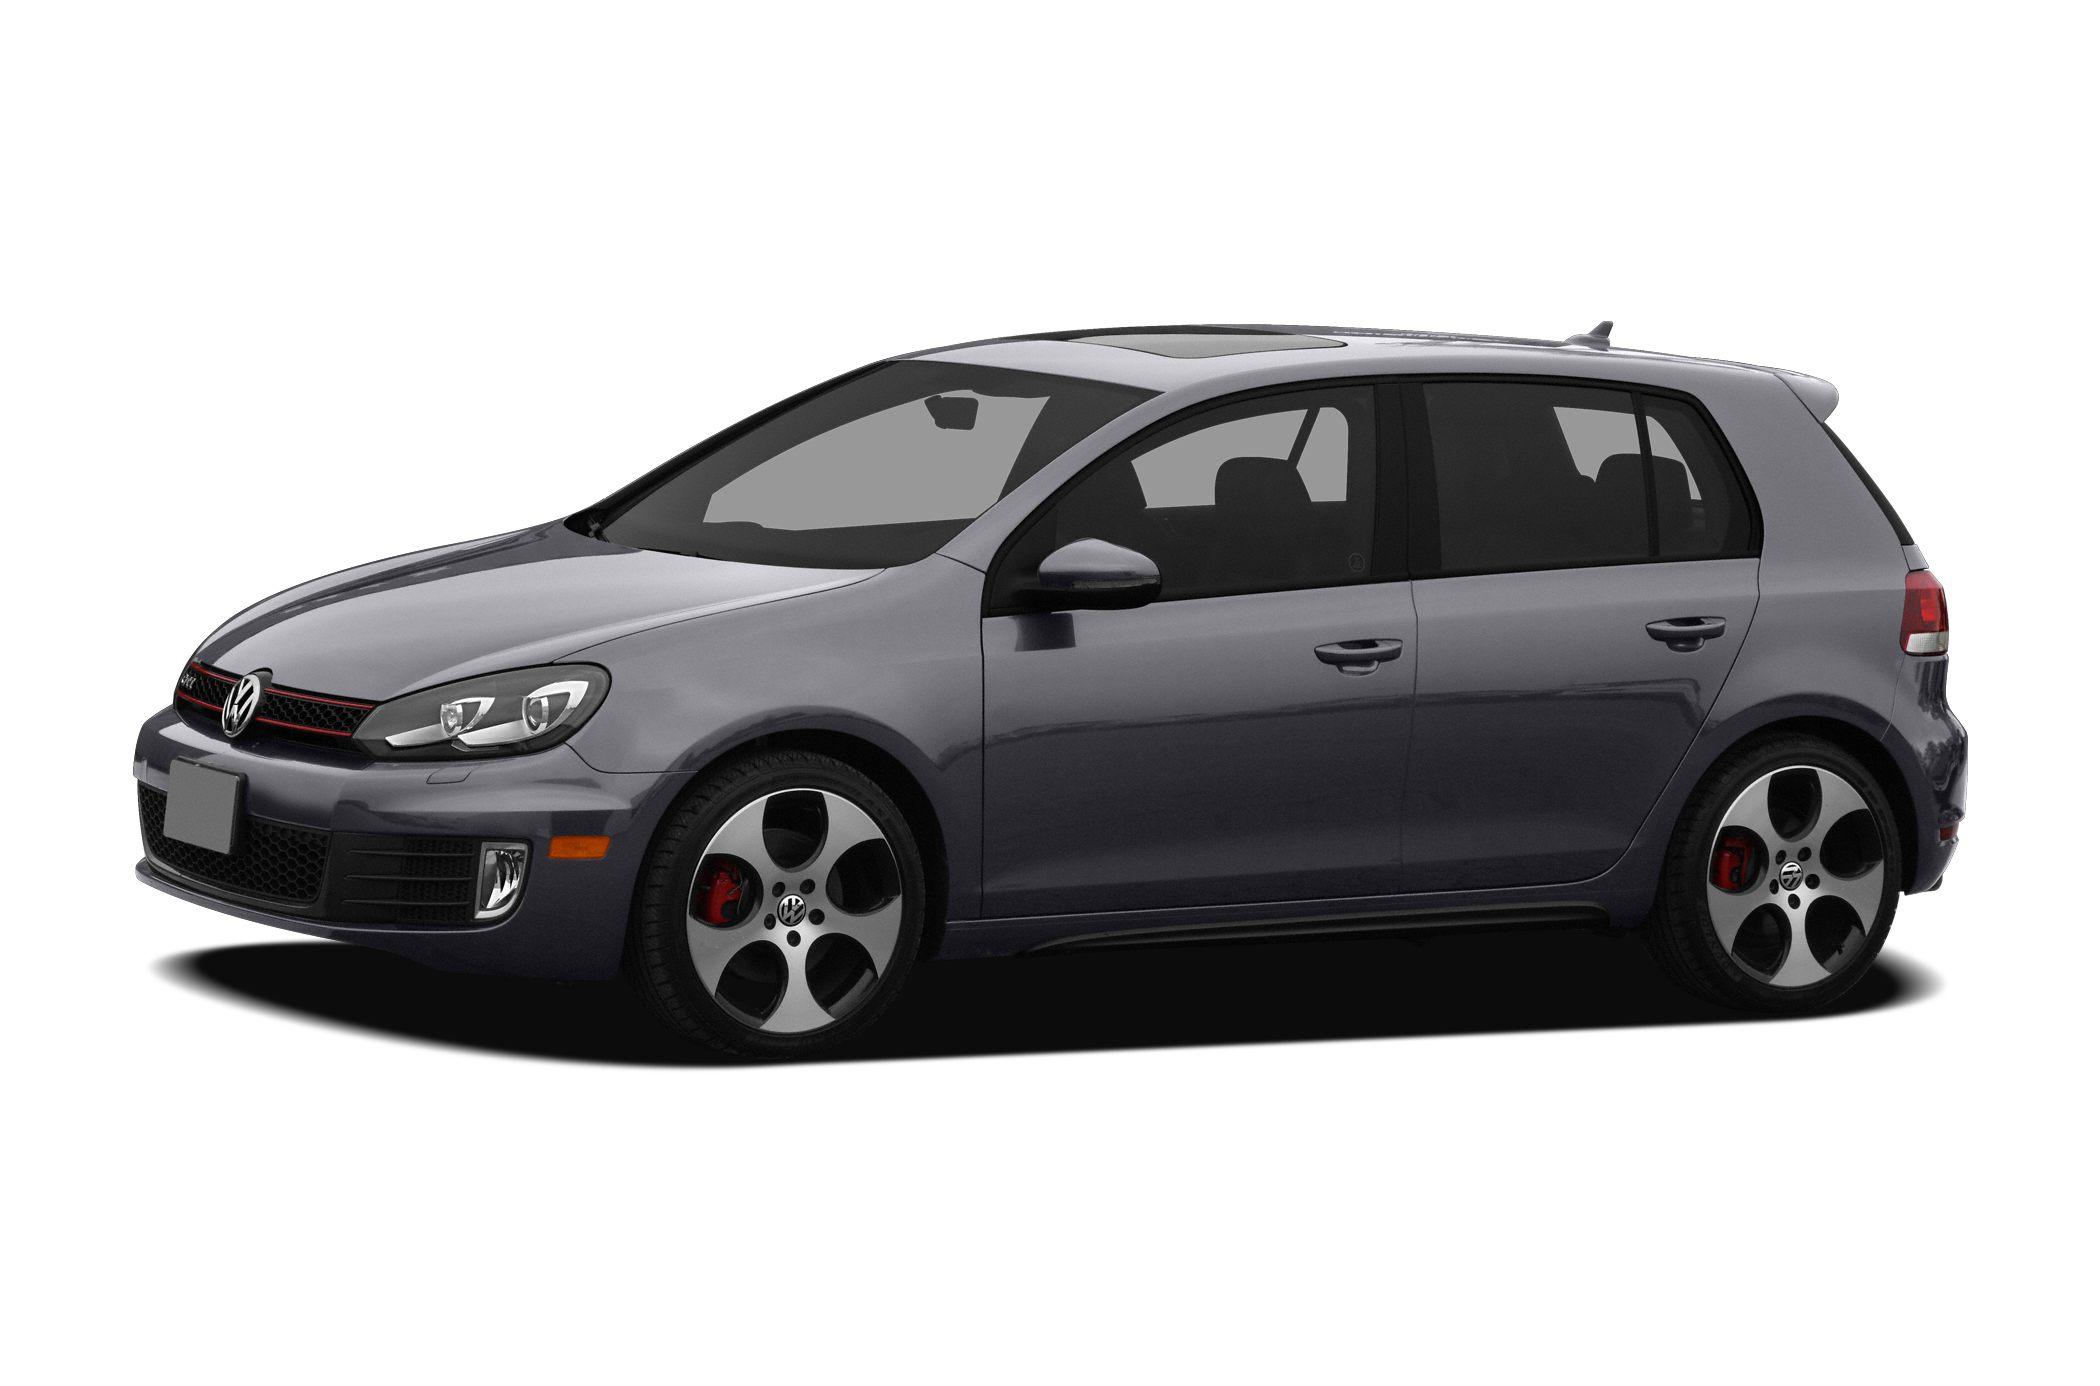 2010 Volkswagen GTI 4-Door Hatchback for sale in Atlanta for $18,500 with 42,102 miles